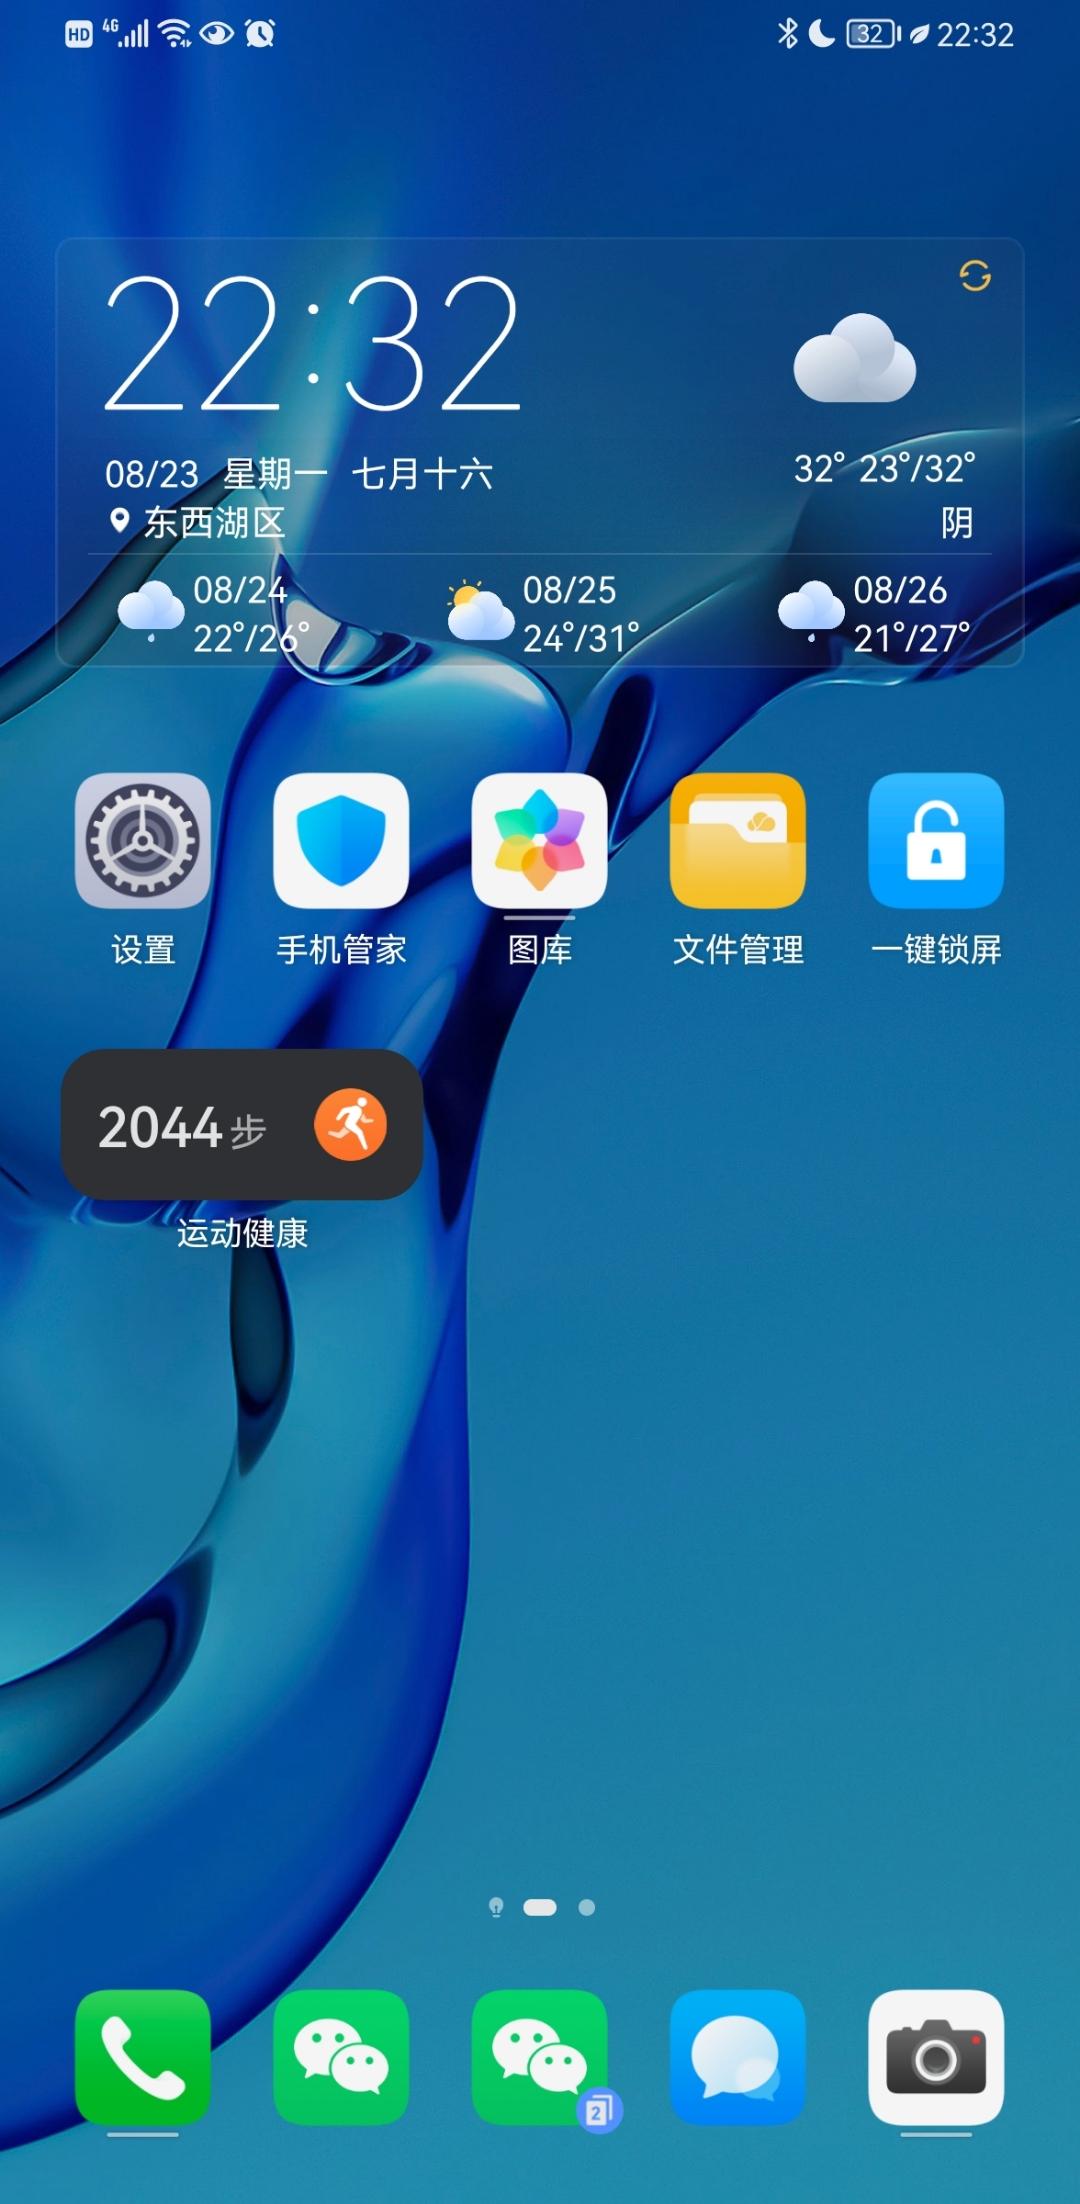 Screenshot_20210823_223229_com.huawei.android.launcher.jpg